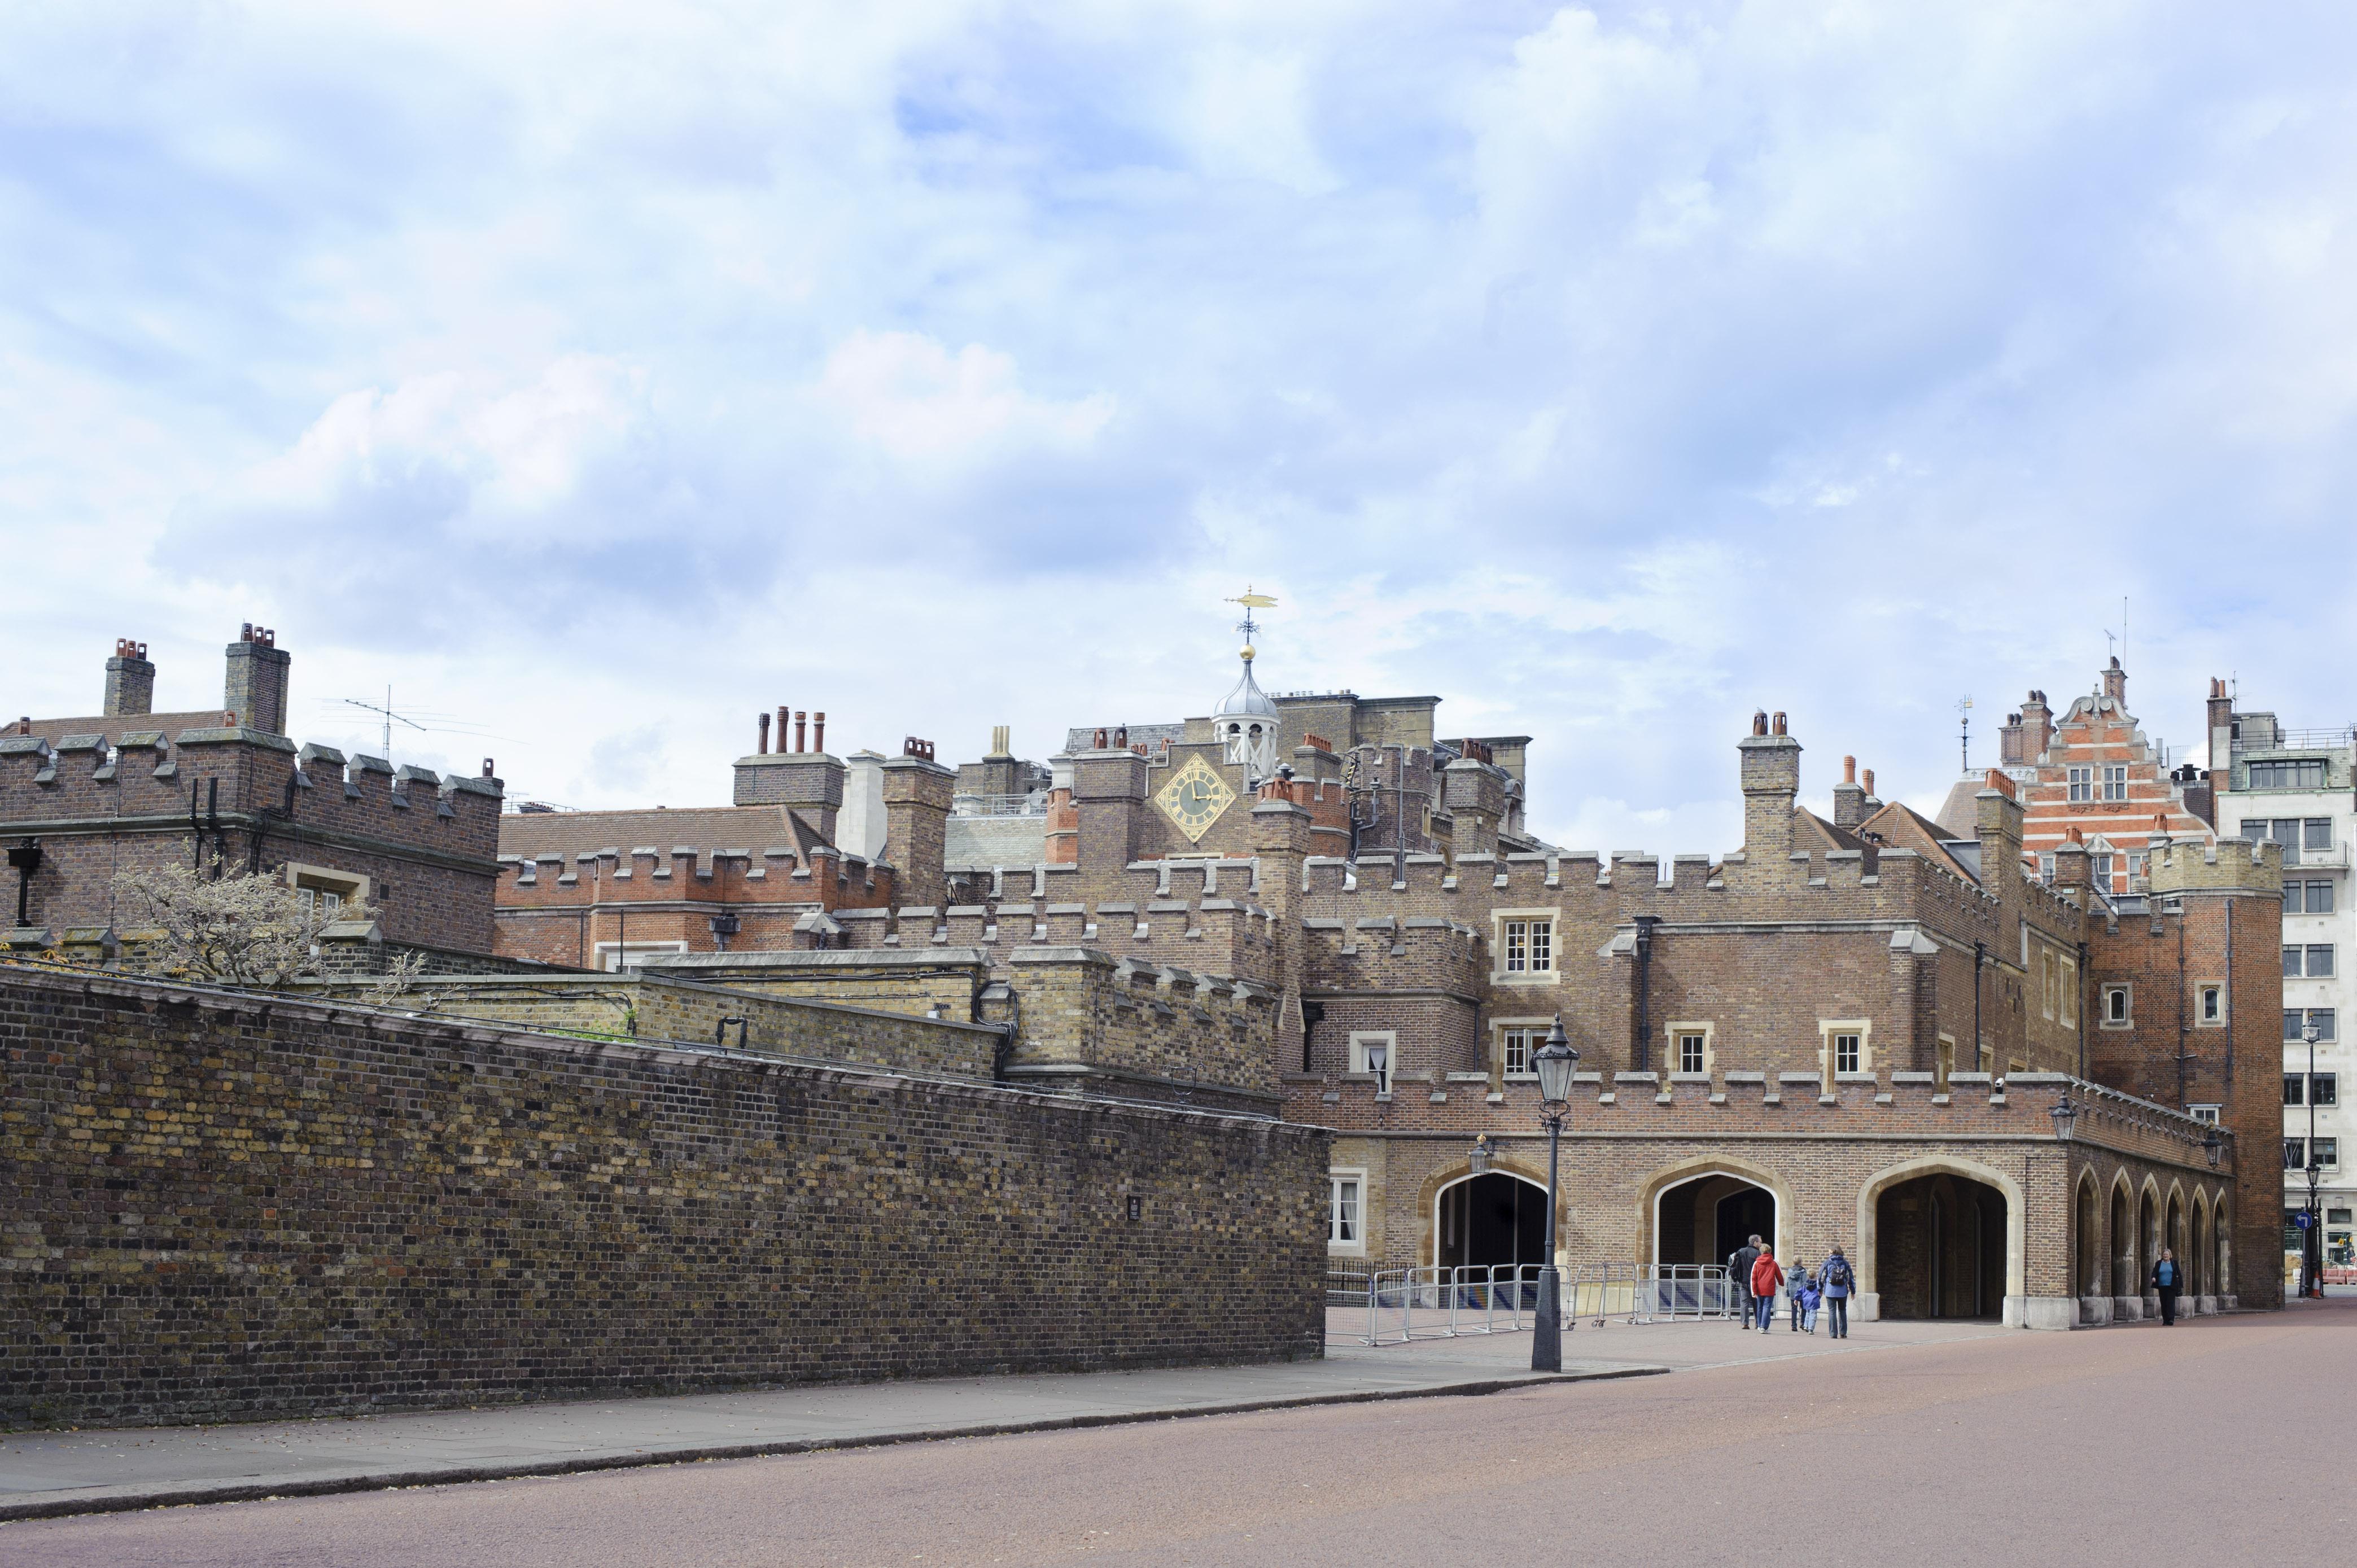 Case palazzi e castelli l 39 impero immobiliare della for Case che sembrano castelli